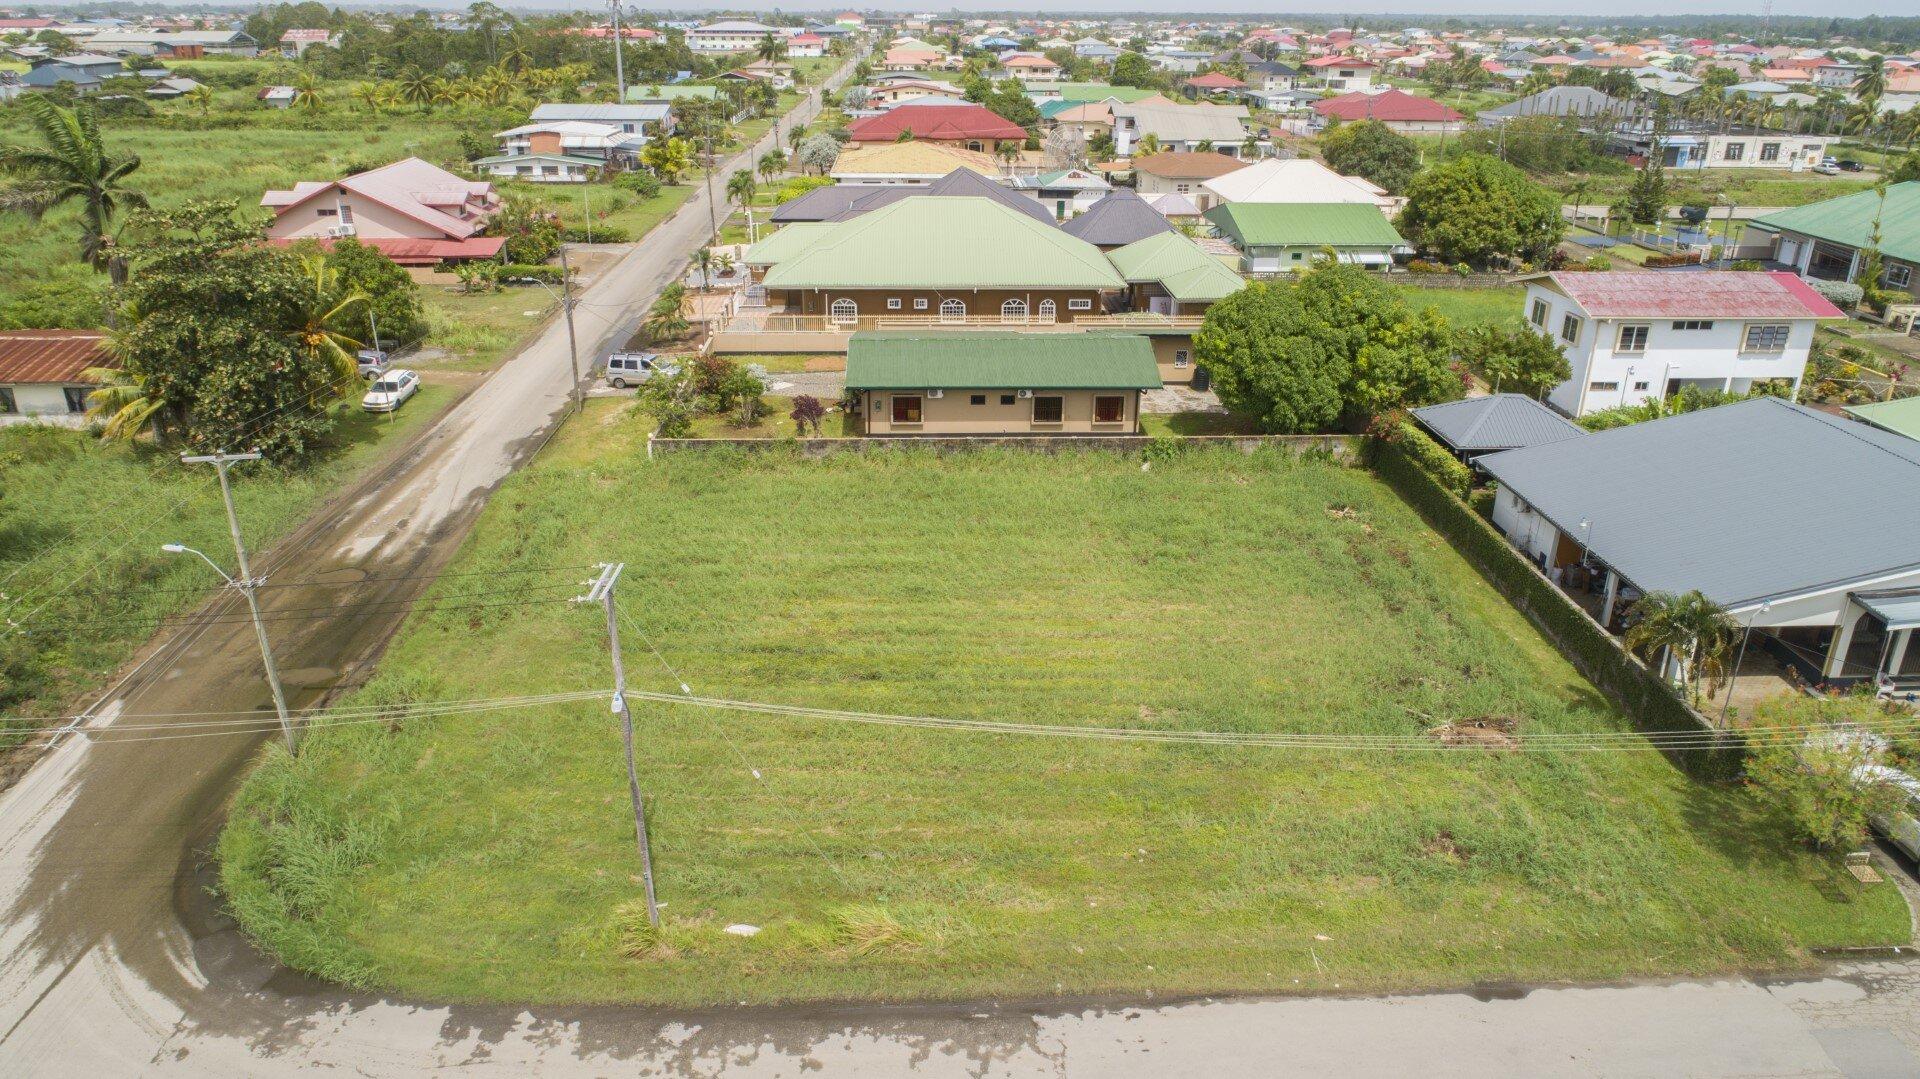 Powisistraat Perc. 305g - Perceel gelegen aan de Powisistraat - Surgoed Makelaardij NV - Paramaribo, Suriname